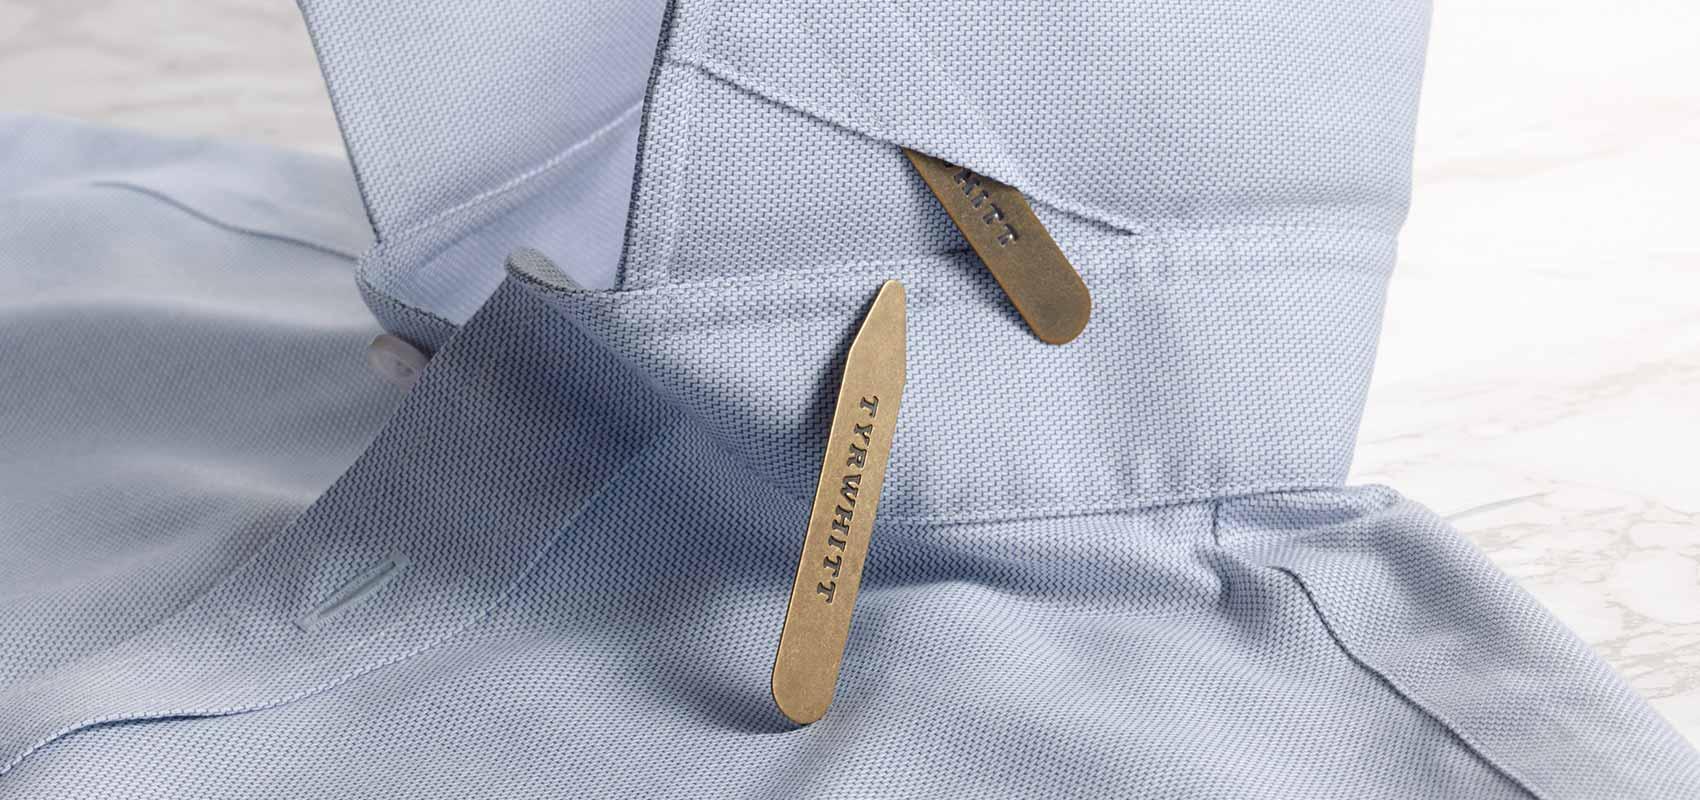 Charles Tyrwhitt collar stiffeners